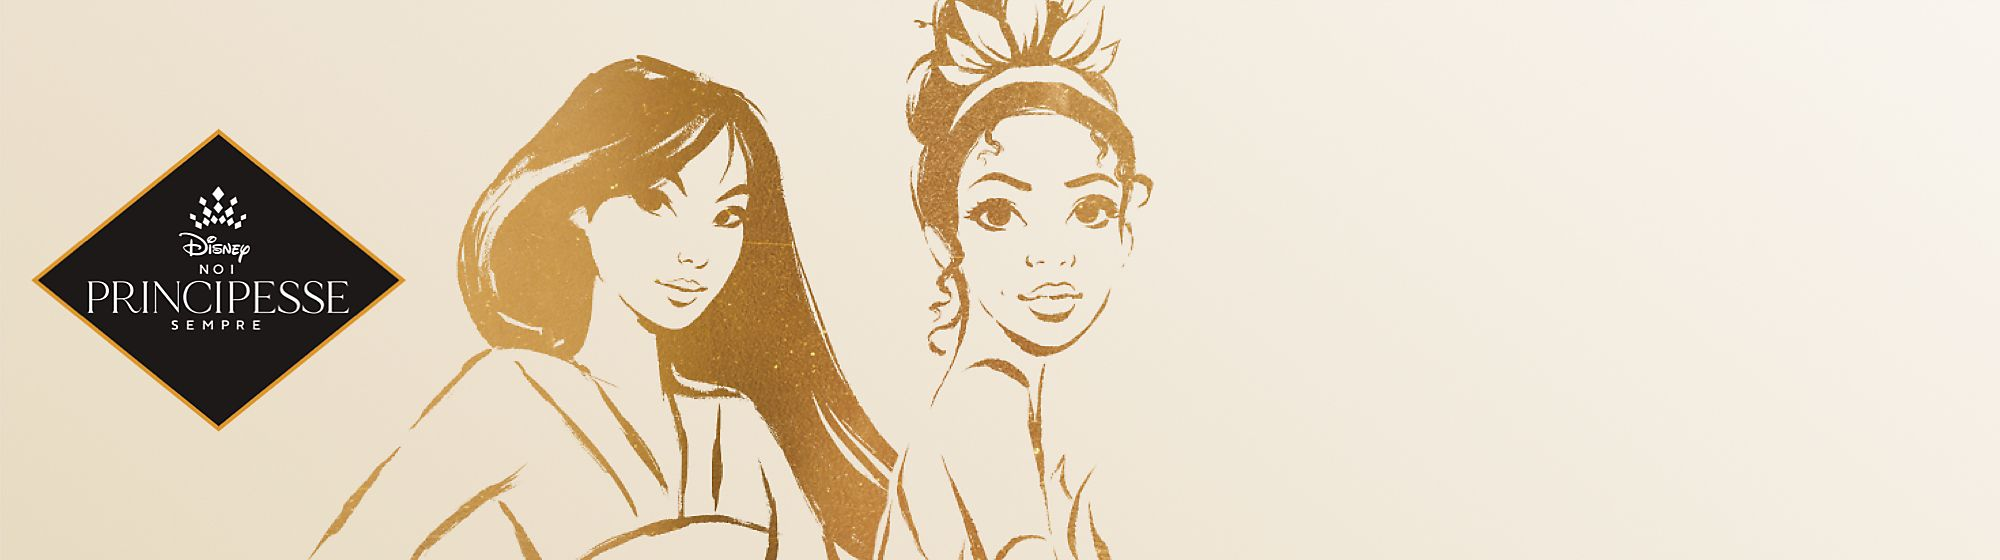 Principesse Disney Vivi la magia Disney! Scopri tutta la nostra gamma magica di costumi originali, le bellissime bambole, i giocattoli, la linea di abbigliamento e molto altro ancora per vivere le avventure delle Principesse Disney